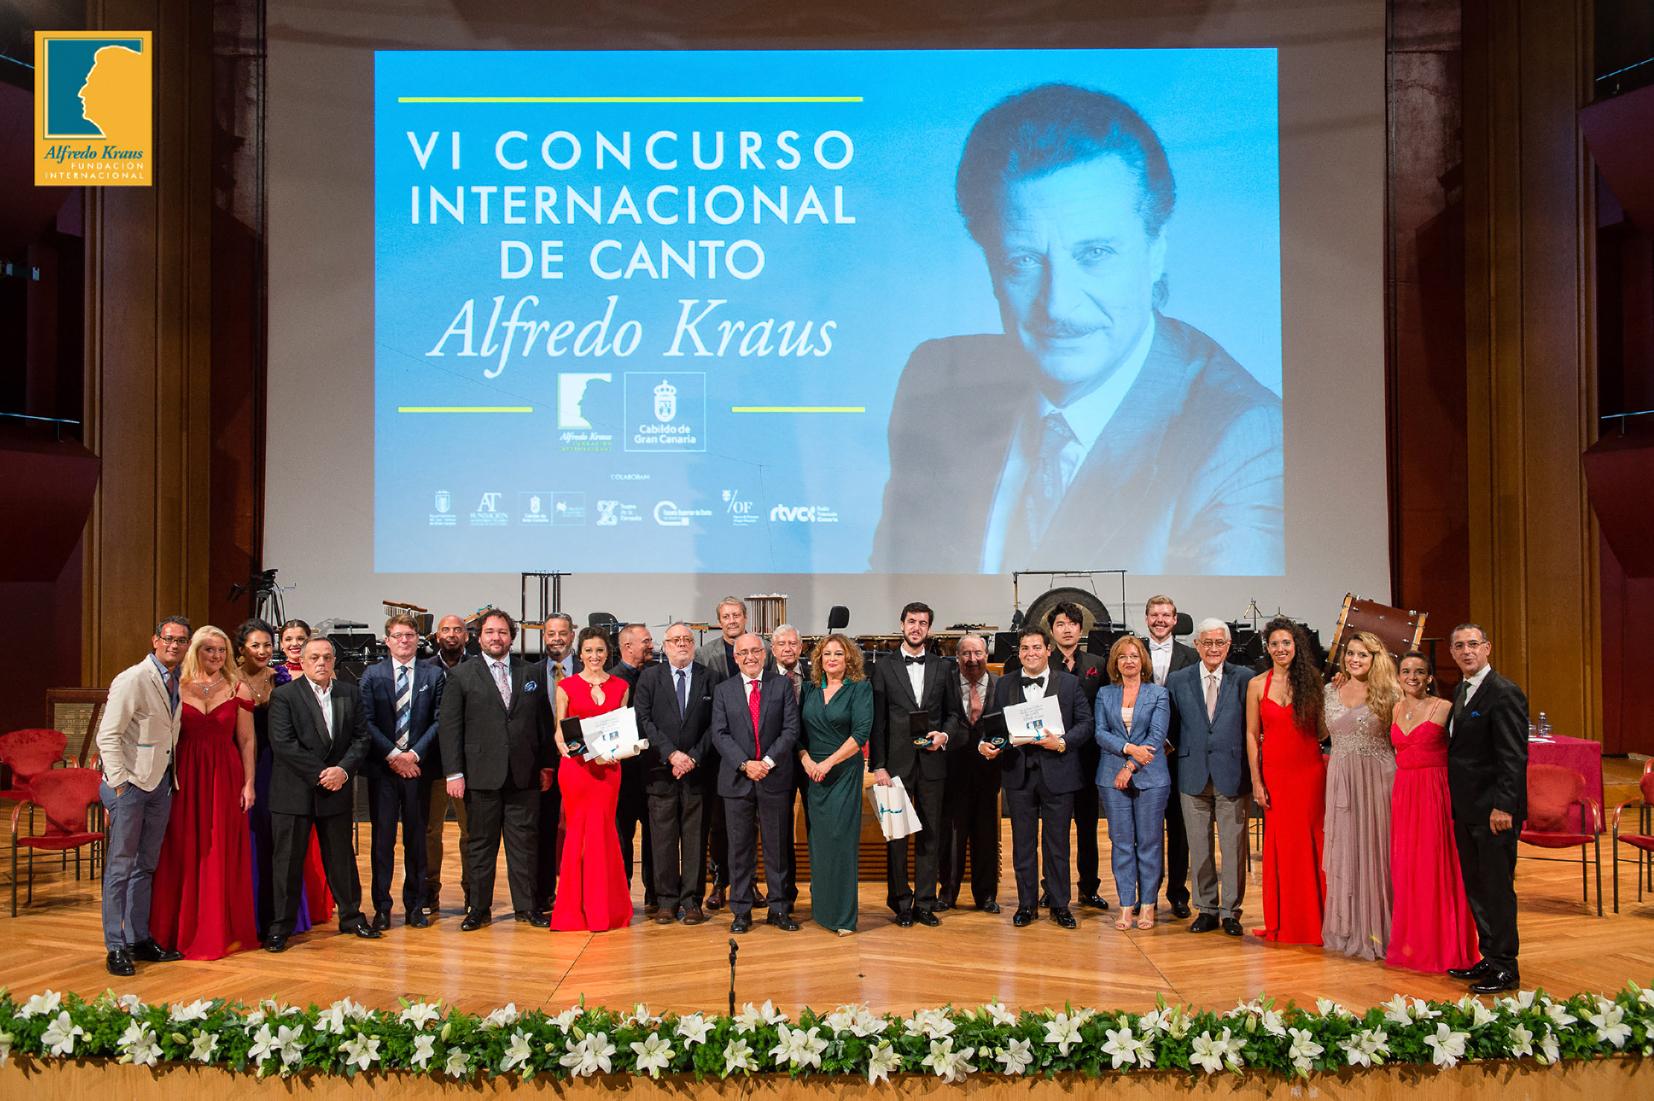 Crónica del VI Concurso Internacional de Canto Alfredo Kraus de Gran Canaria